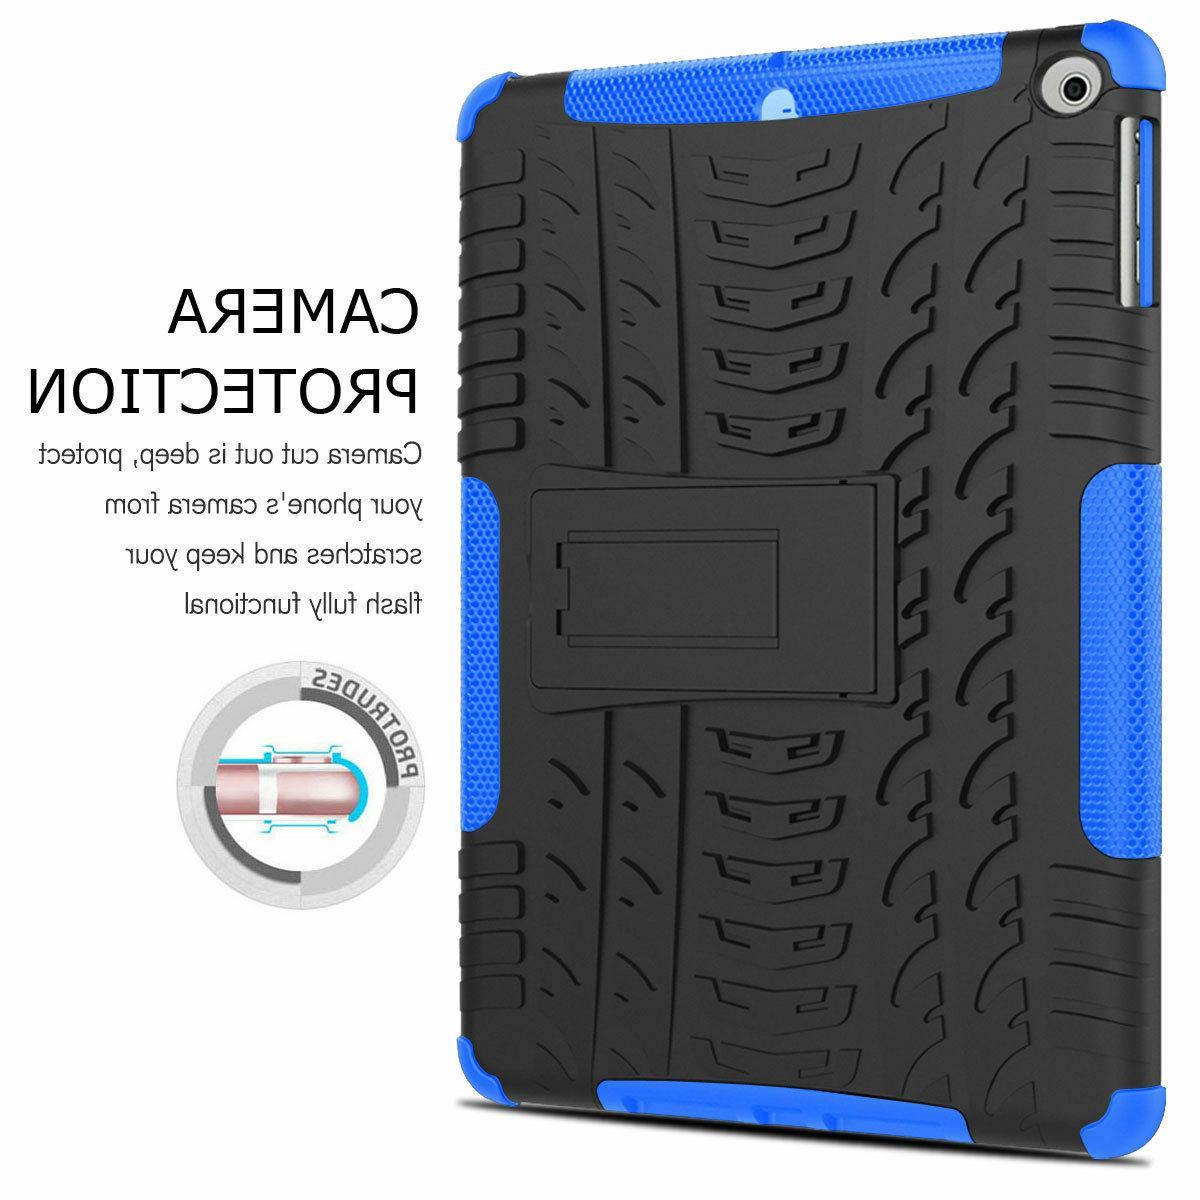 Heavy Case For iPad Mini 123 Air2 / 5th 6th 10.5